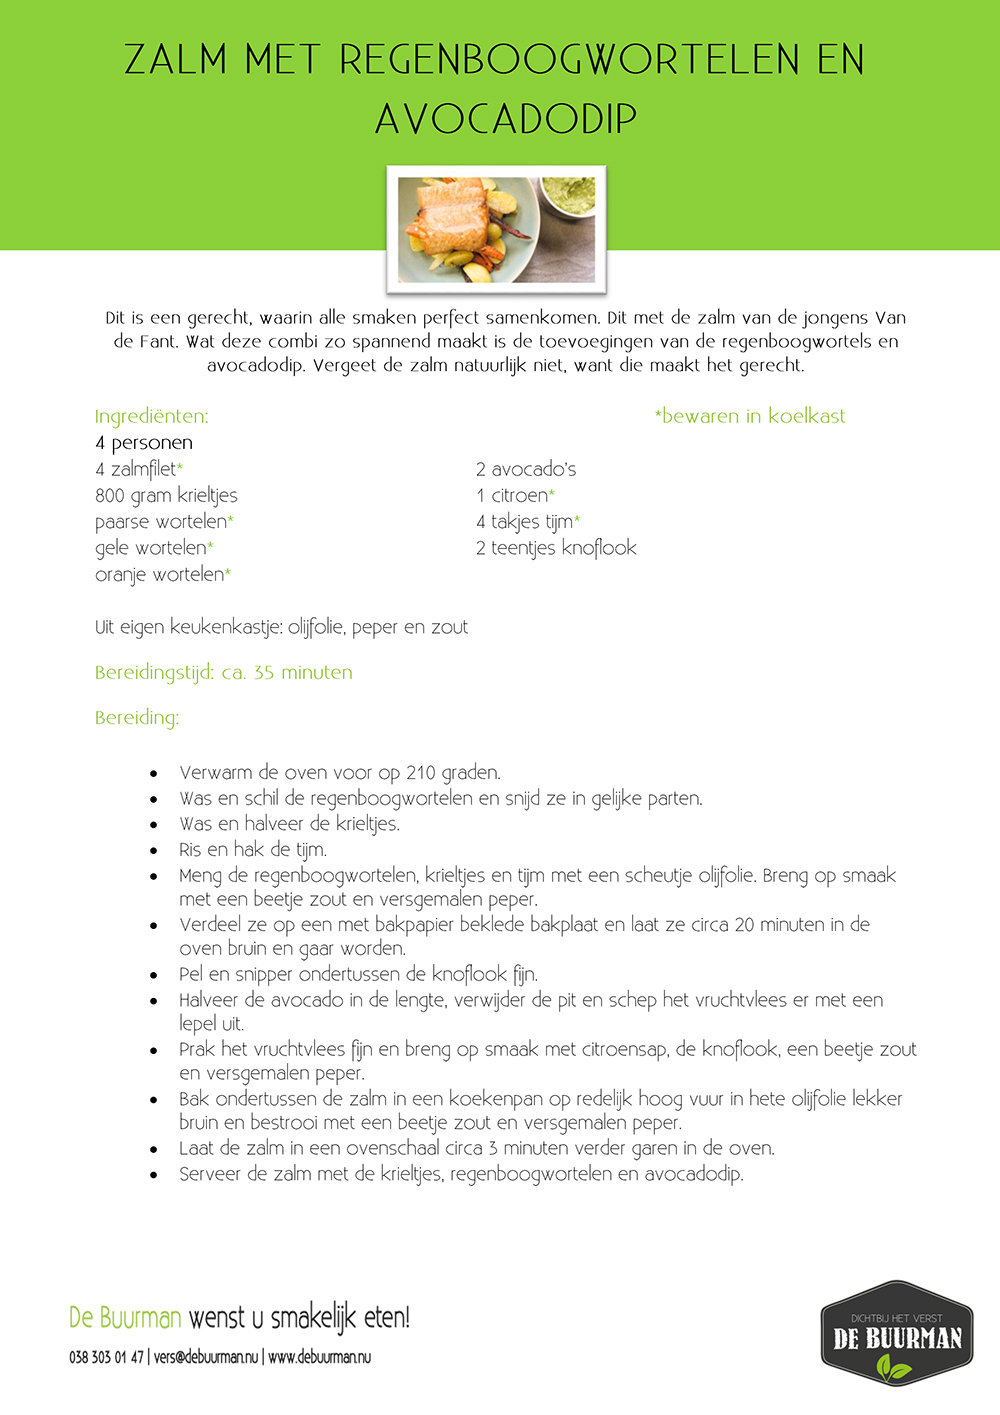 week 13, recept 1 - openen als pdf